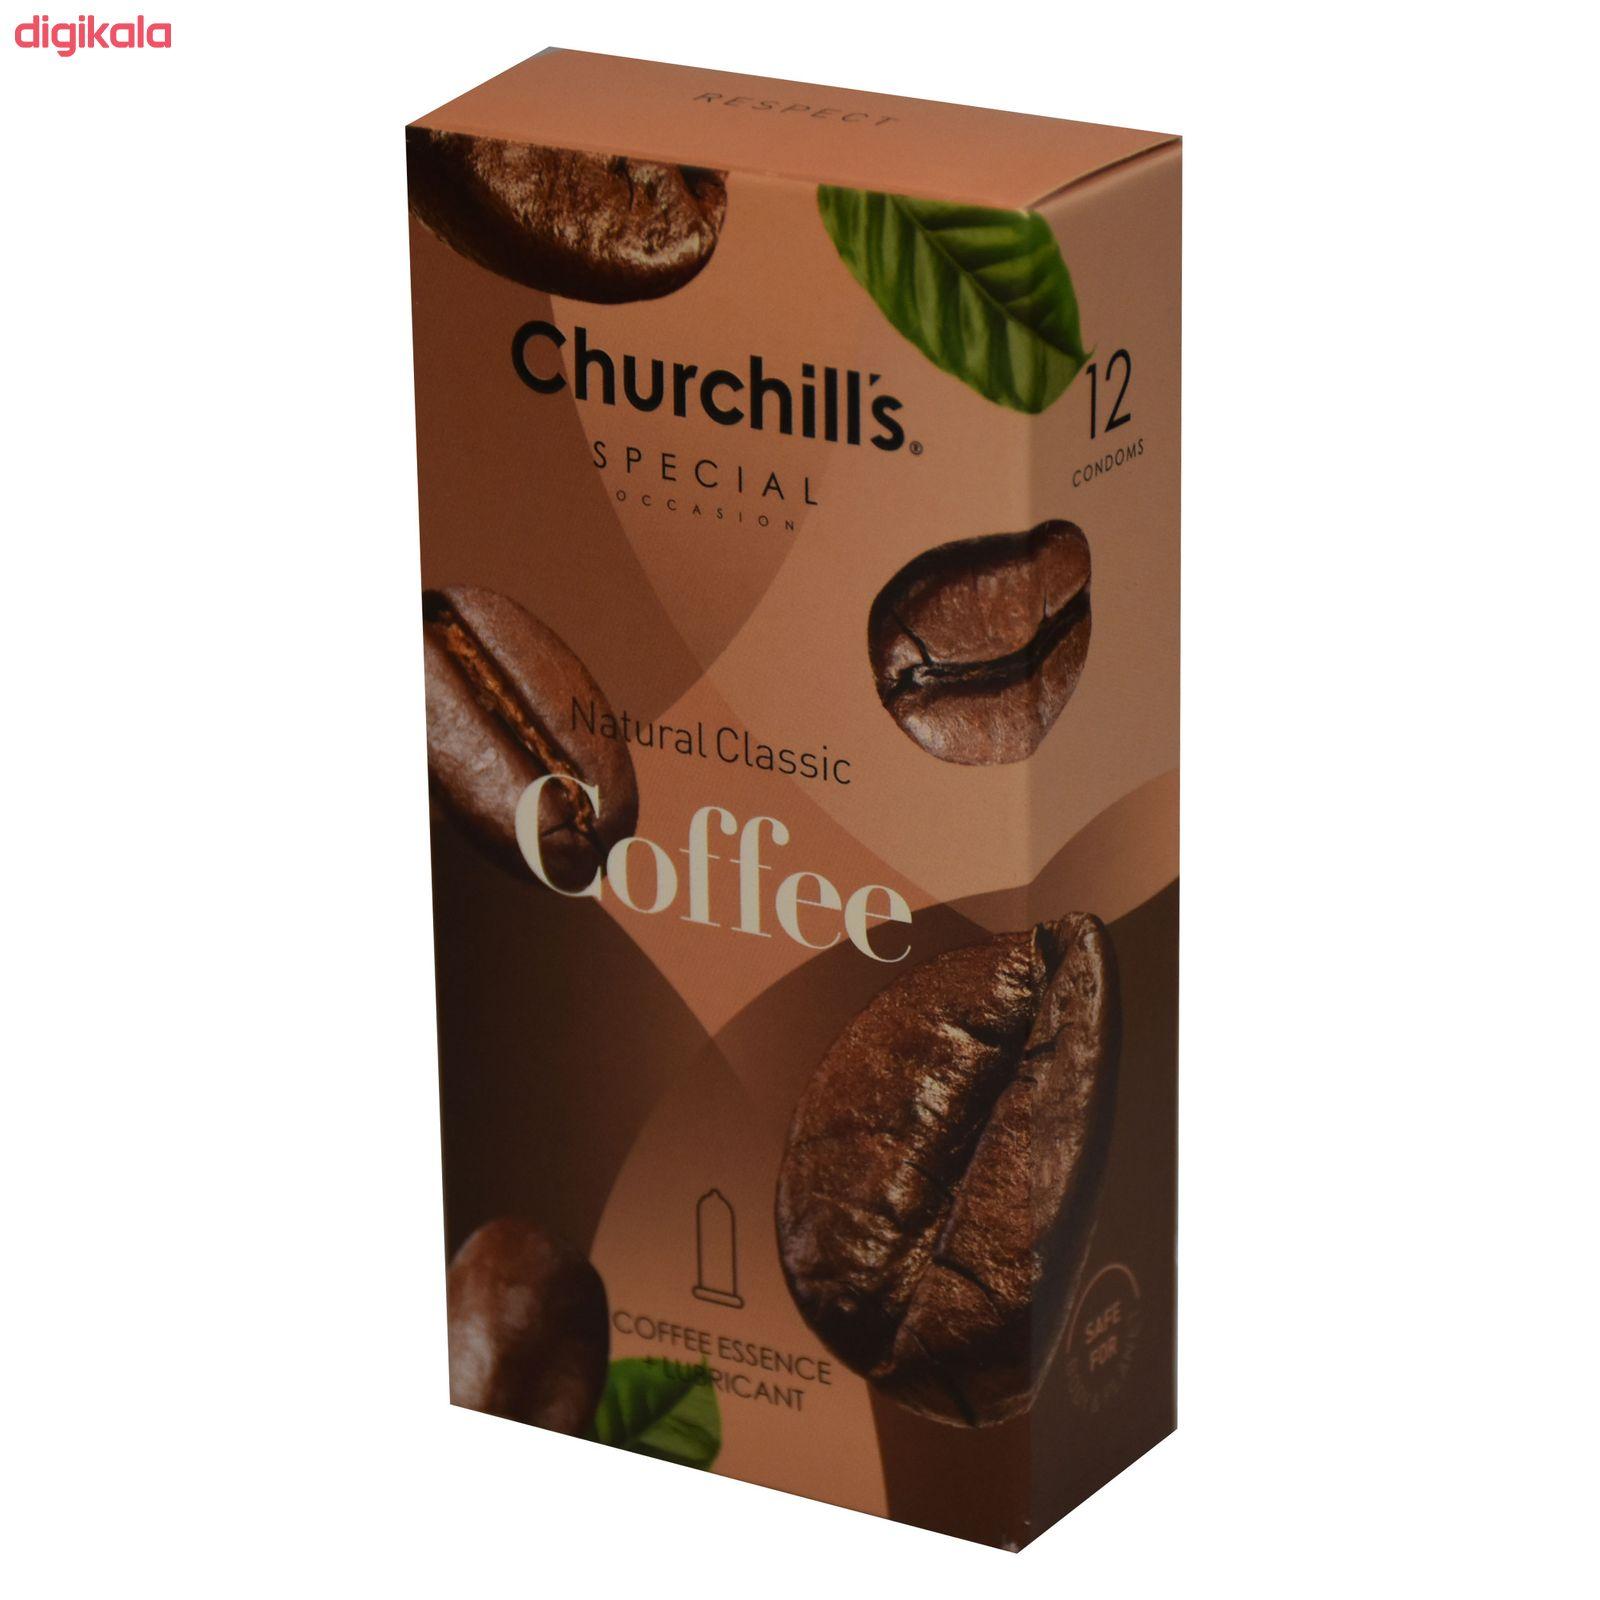 کاندوم چرچیلز مدل Natural Classic Coffee  بسته 12 عددی main 1 2